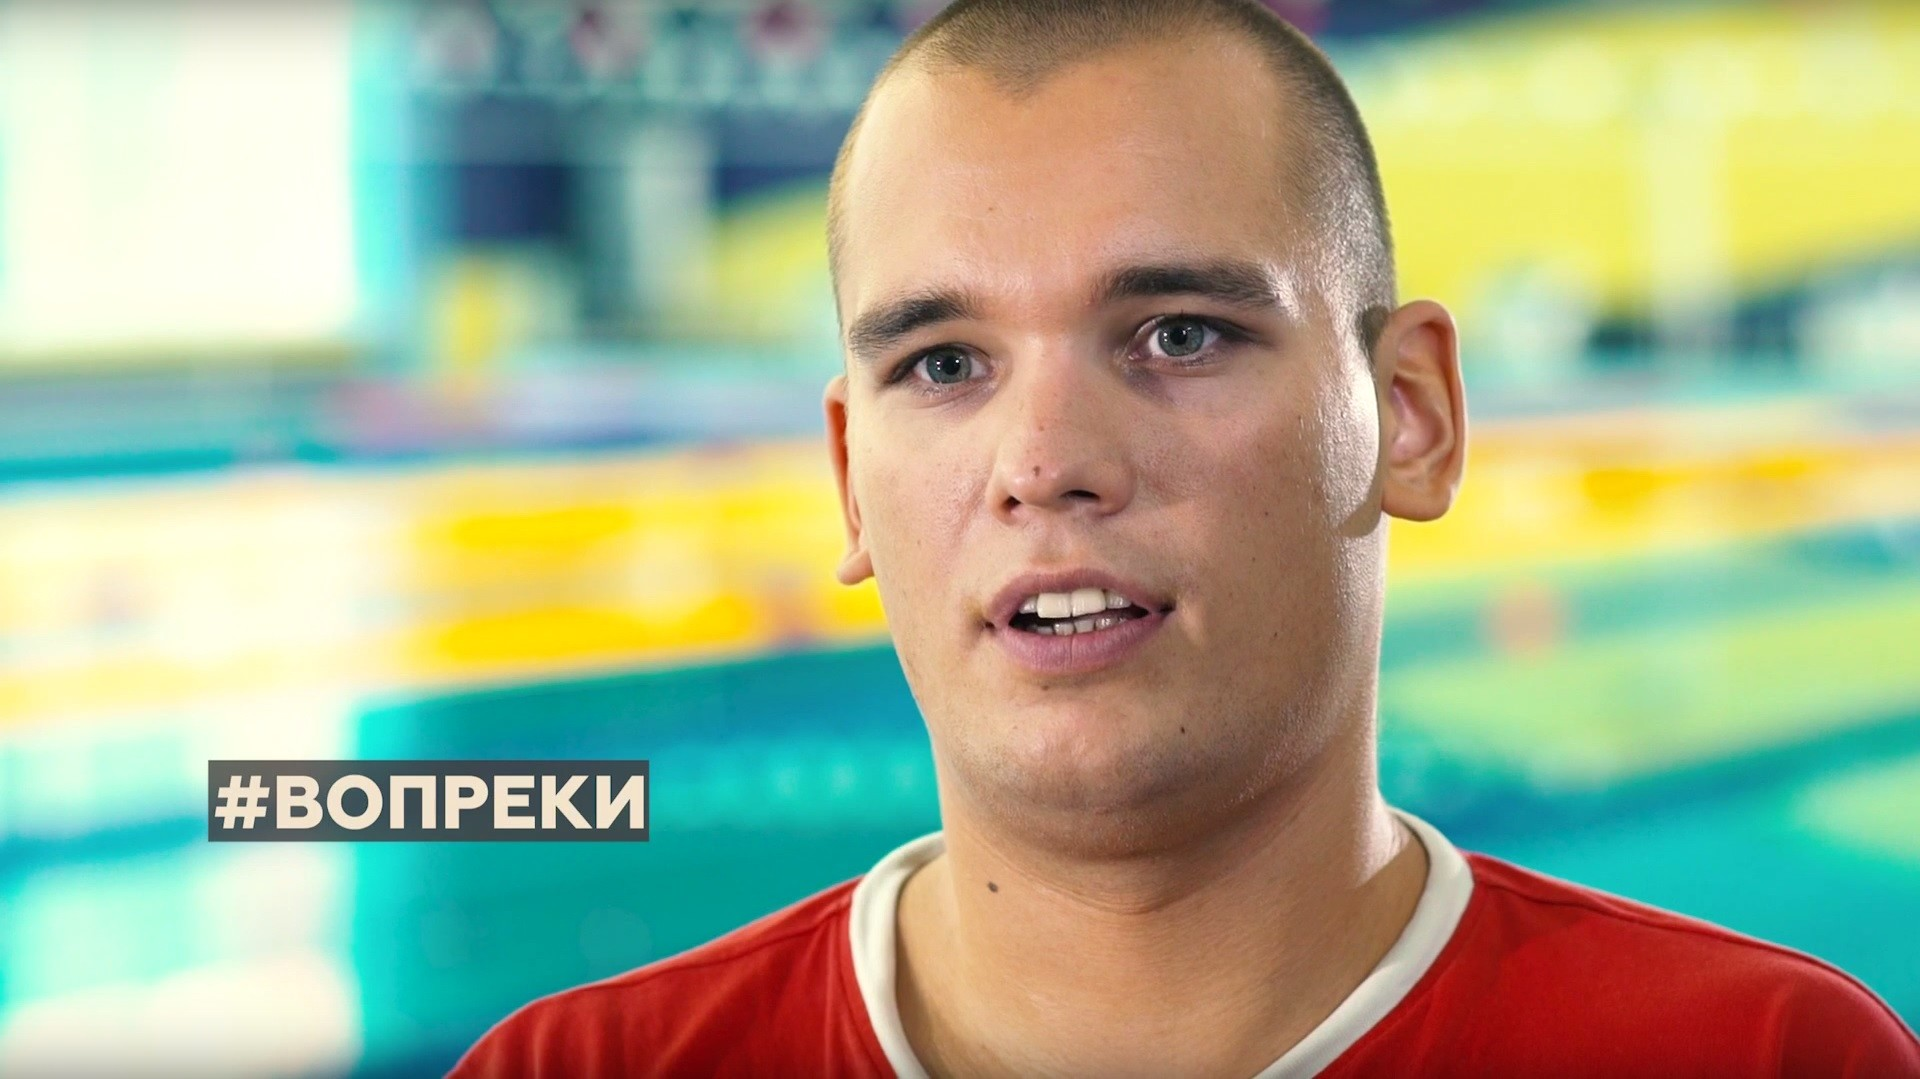 #Вопреки: российские паралимпийцы о преодолении и спорте ради жизни